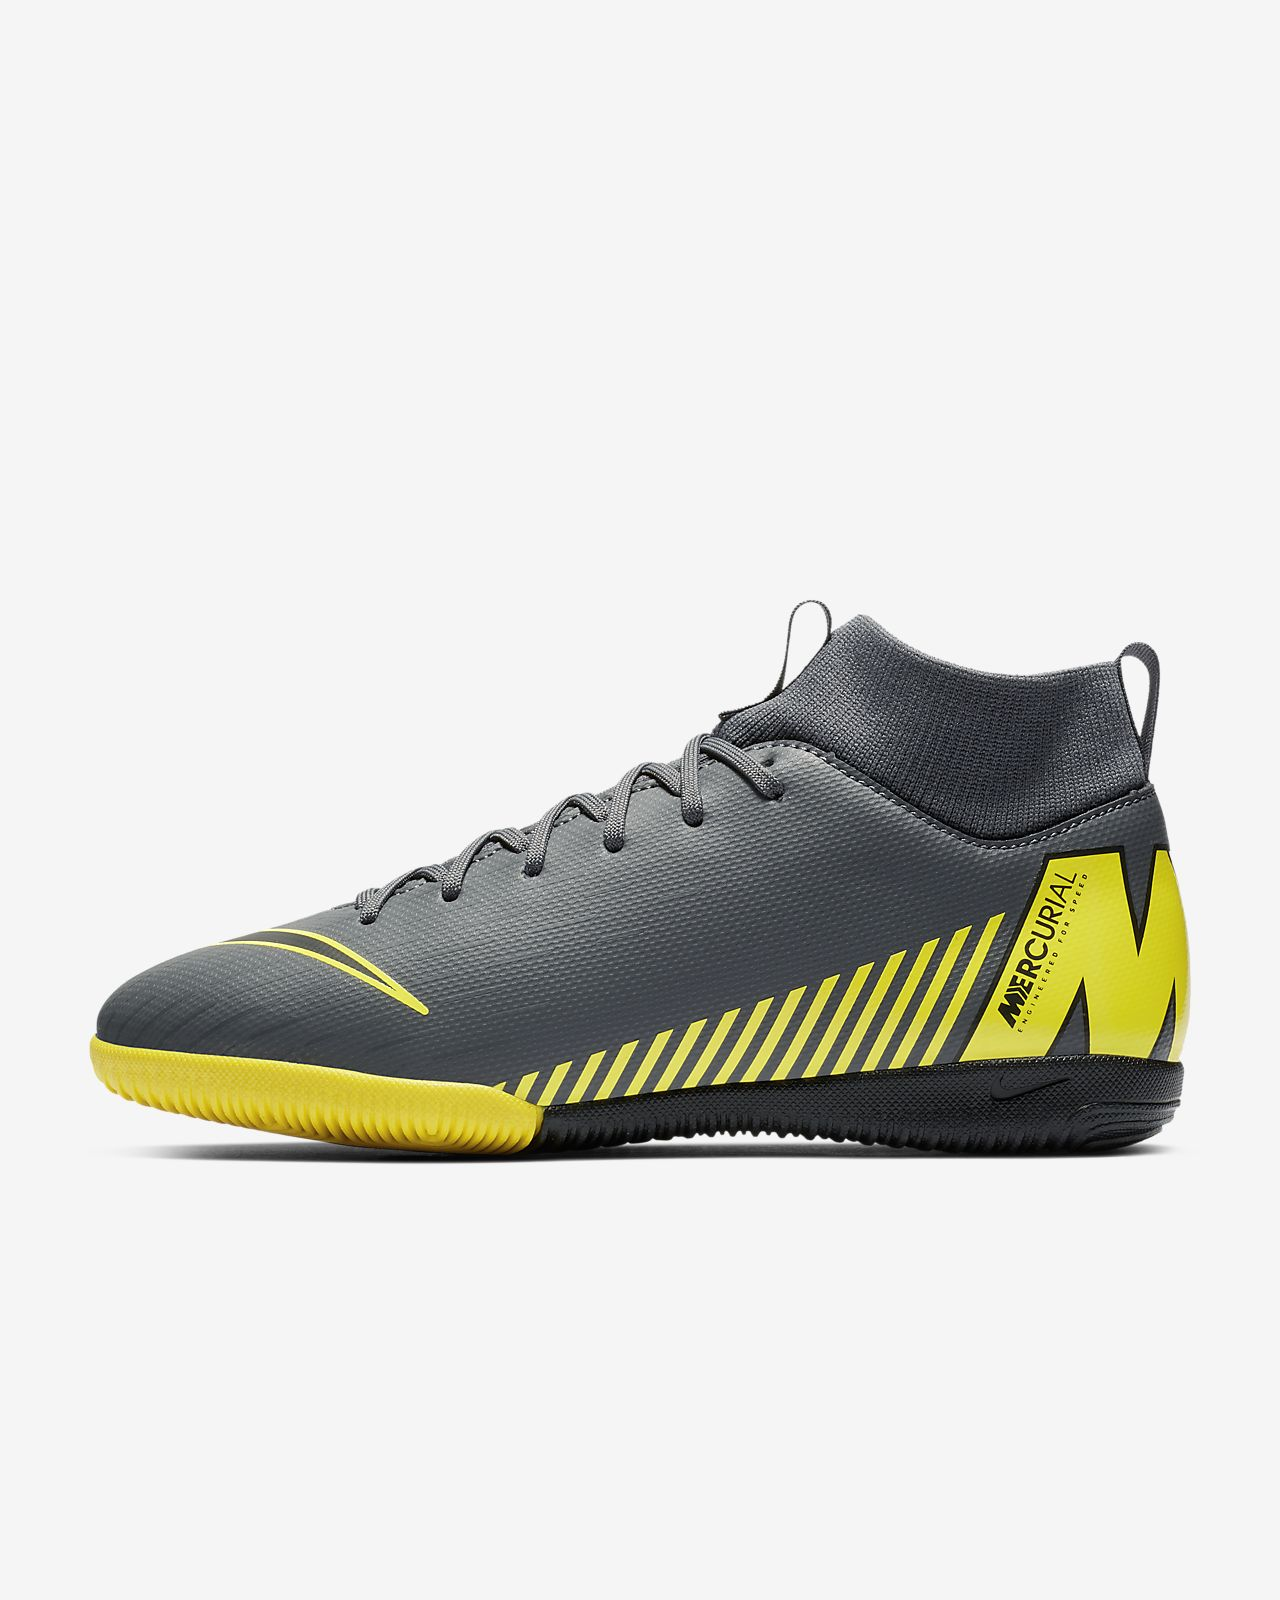 Nike Jr. SuperflyX 6 Academy IC fotballsko til innendørsbane/gate til små/store barn